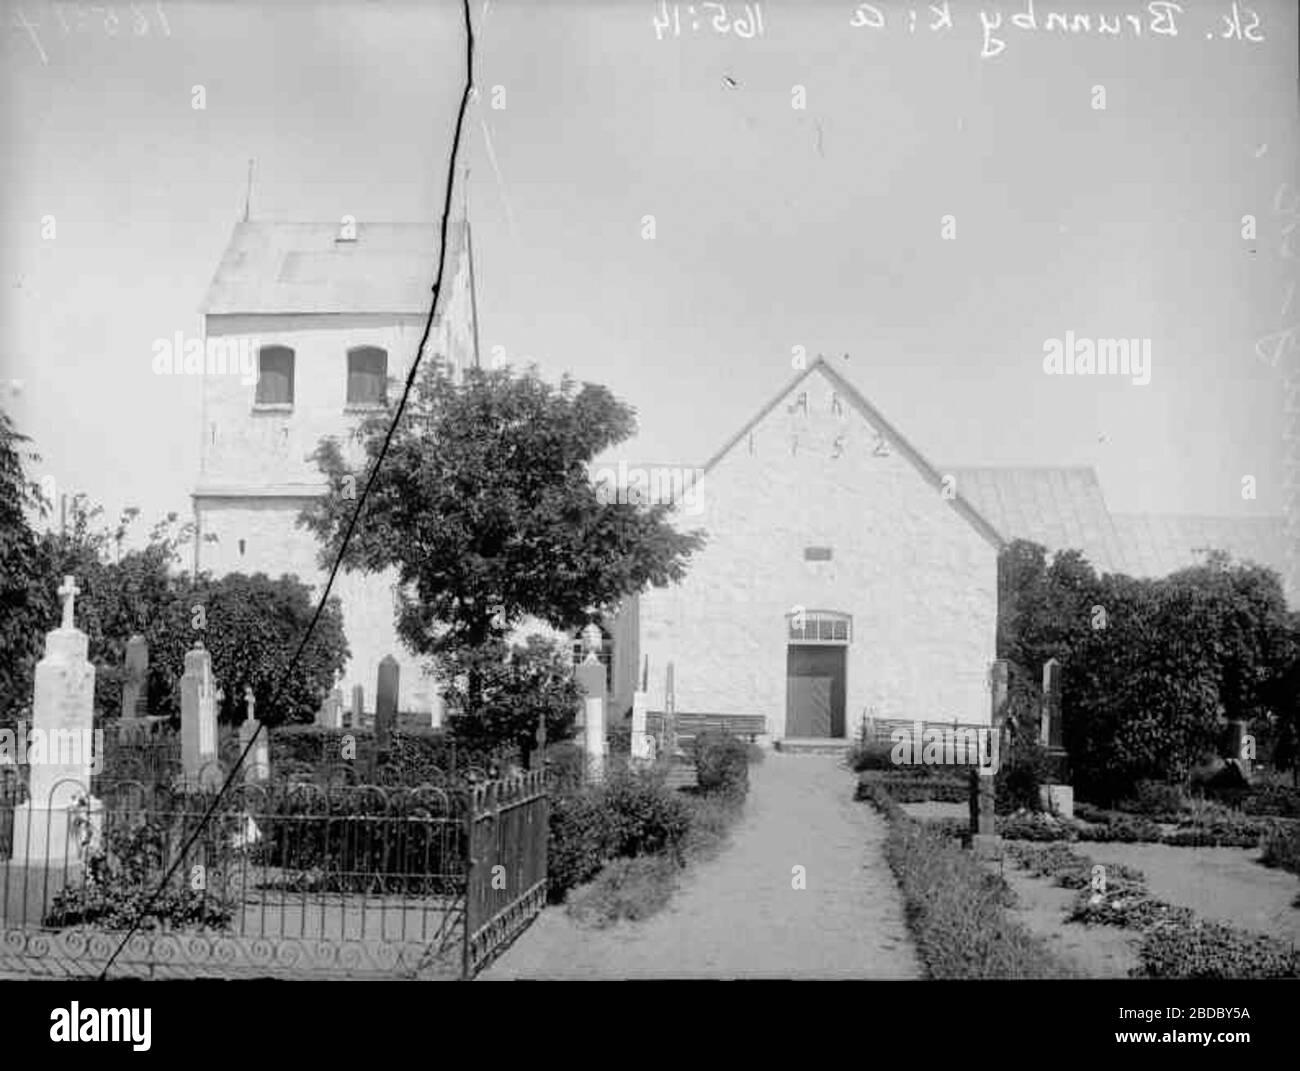 Bland gravar och stenstrngar i Brunnby. RA 267& 268